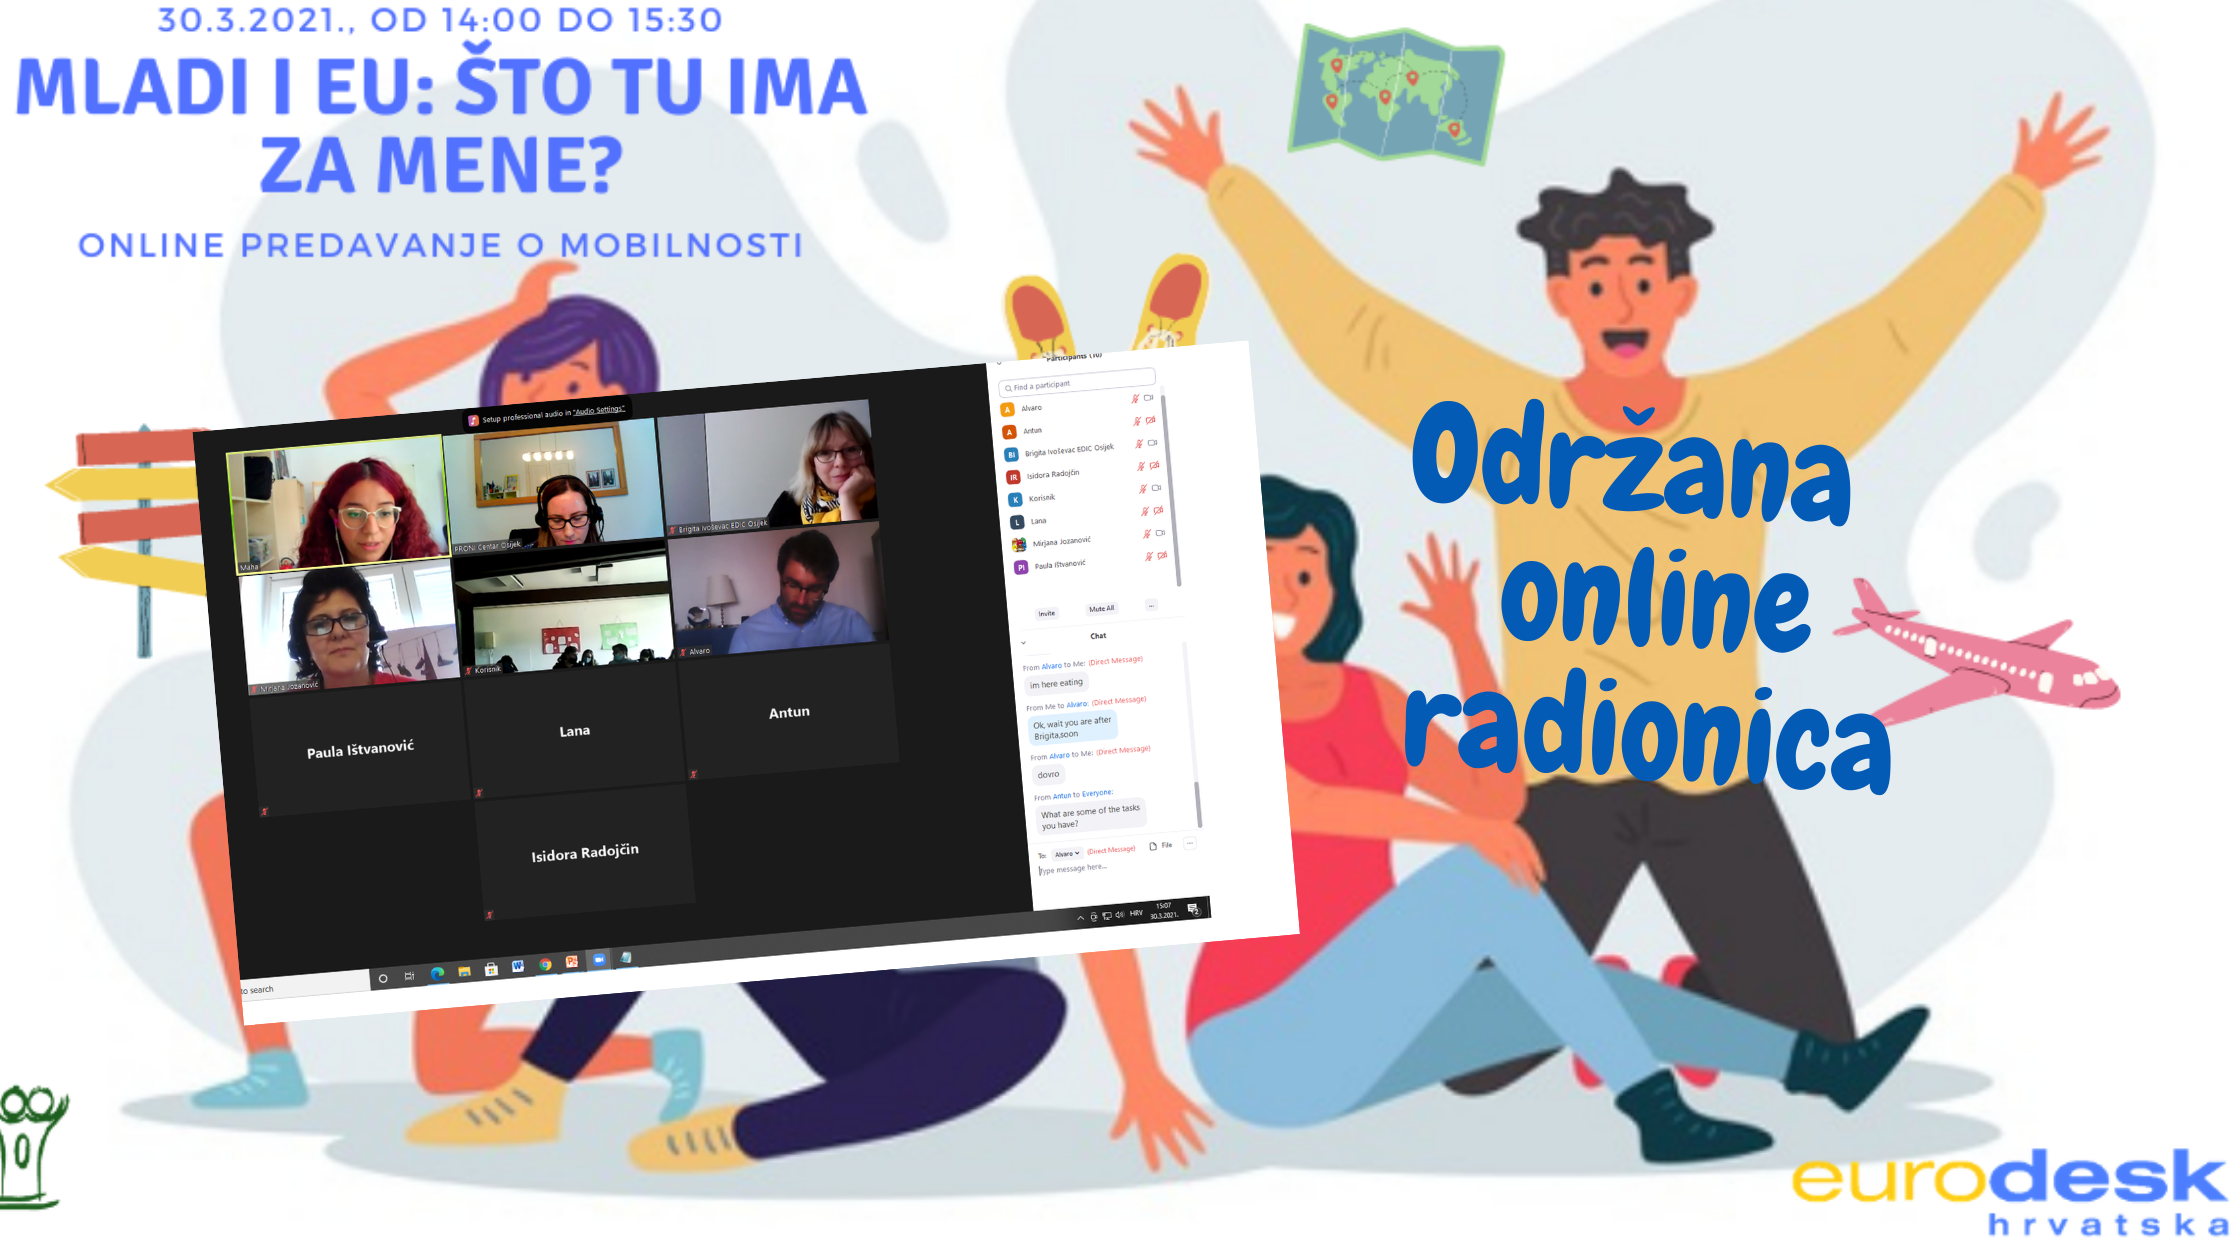 Održana online radionica: Mladi i EU